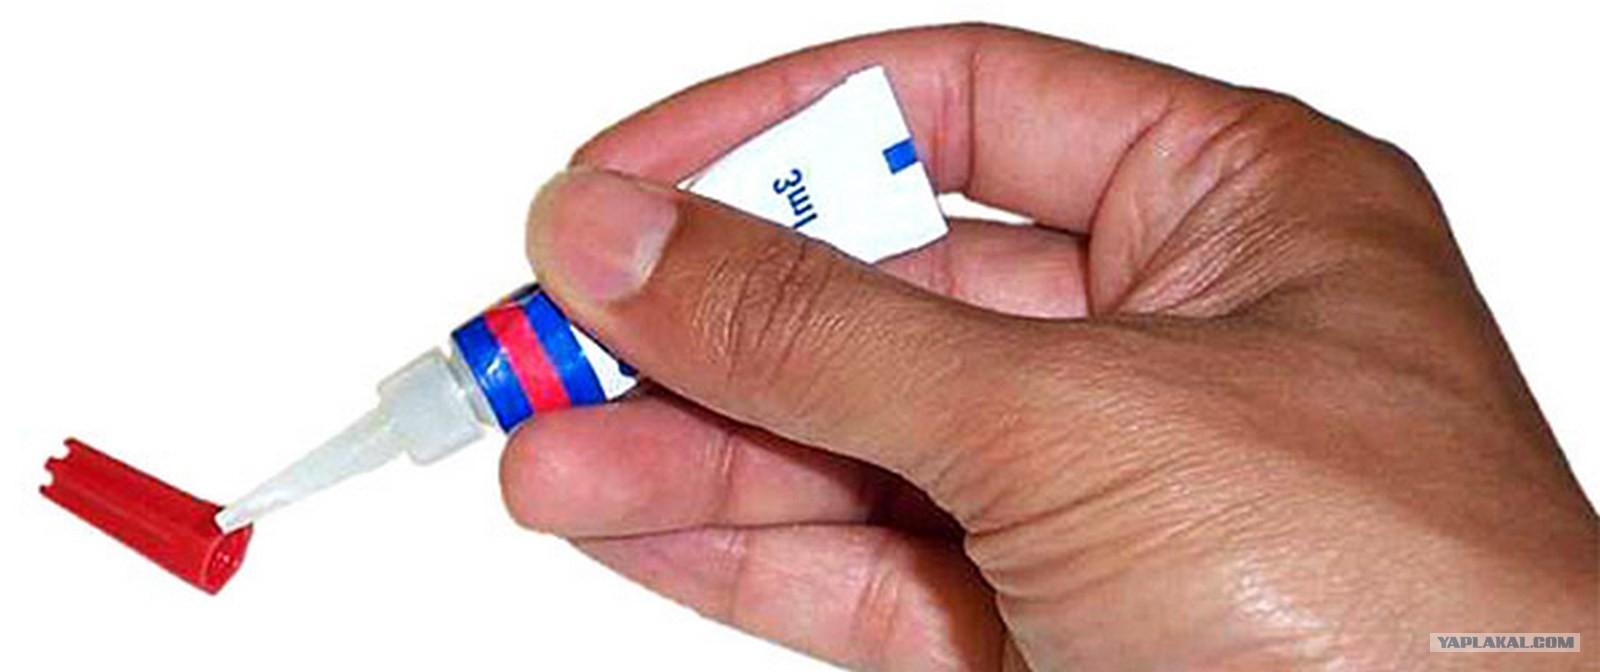 Как убрать суперклей с рук как с рук убрать супер клей Полезные 5